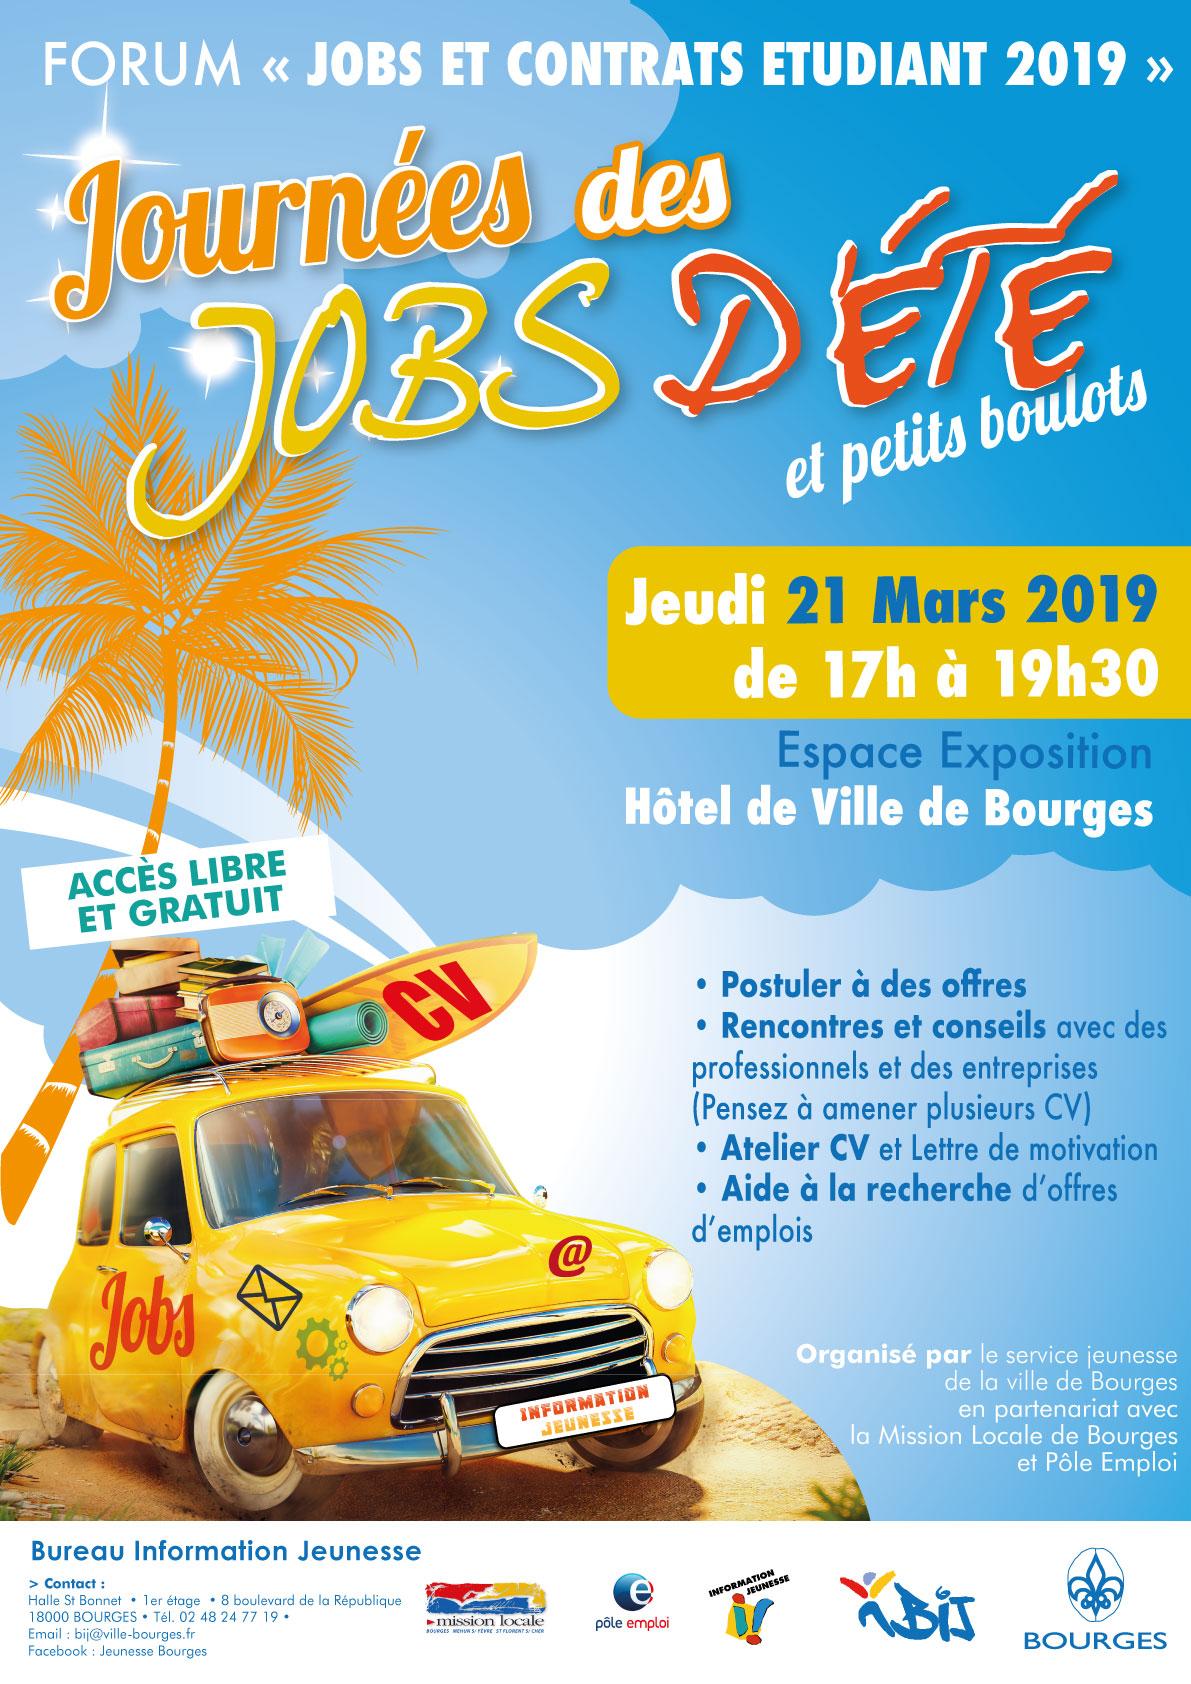 Forum Jobs d'été et contrats étudiant